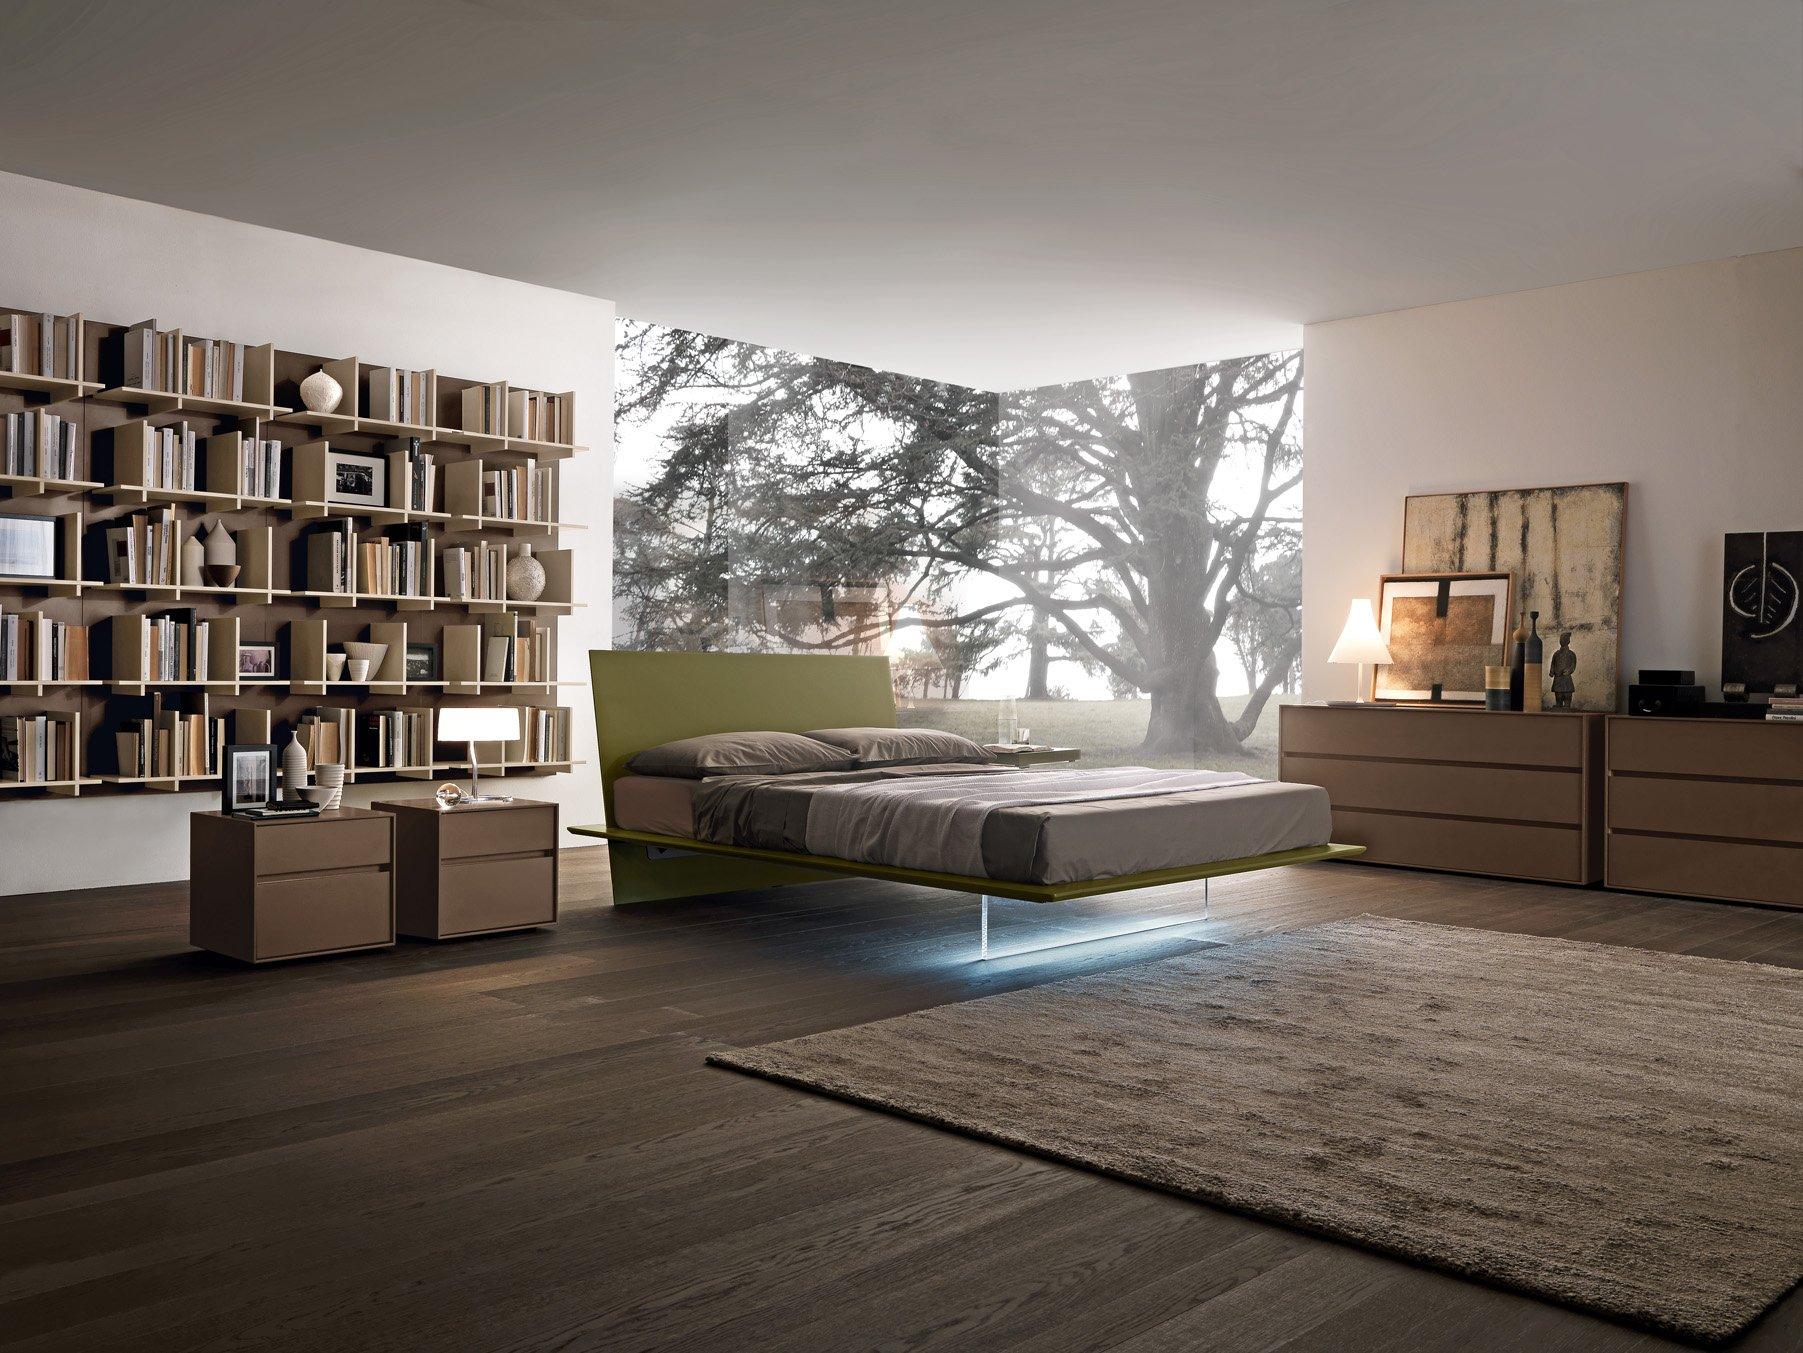 esposizione camere da letto bergamo l 39 artigiana del mobile